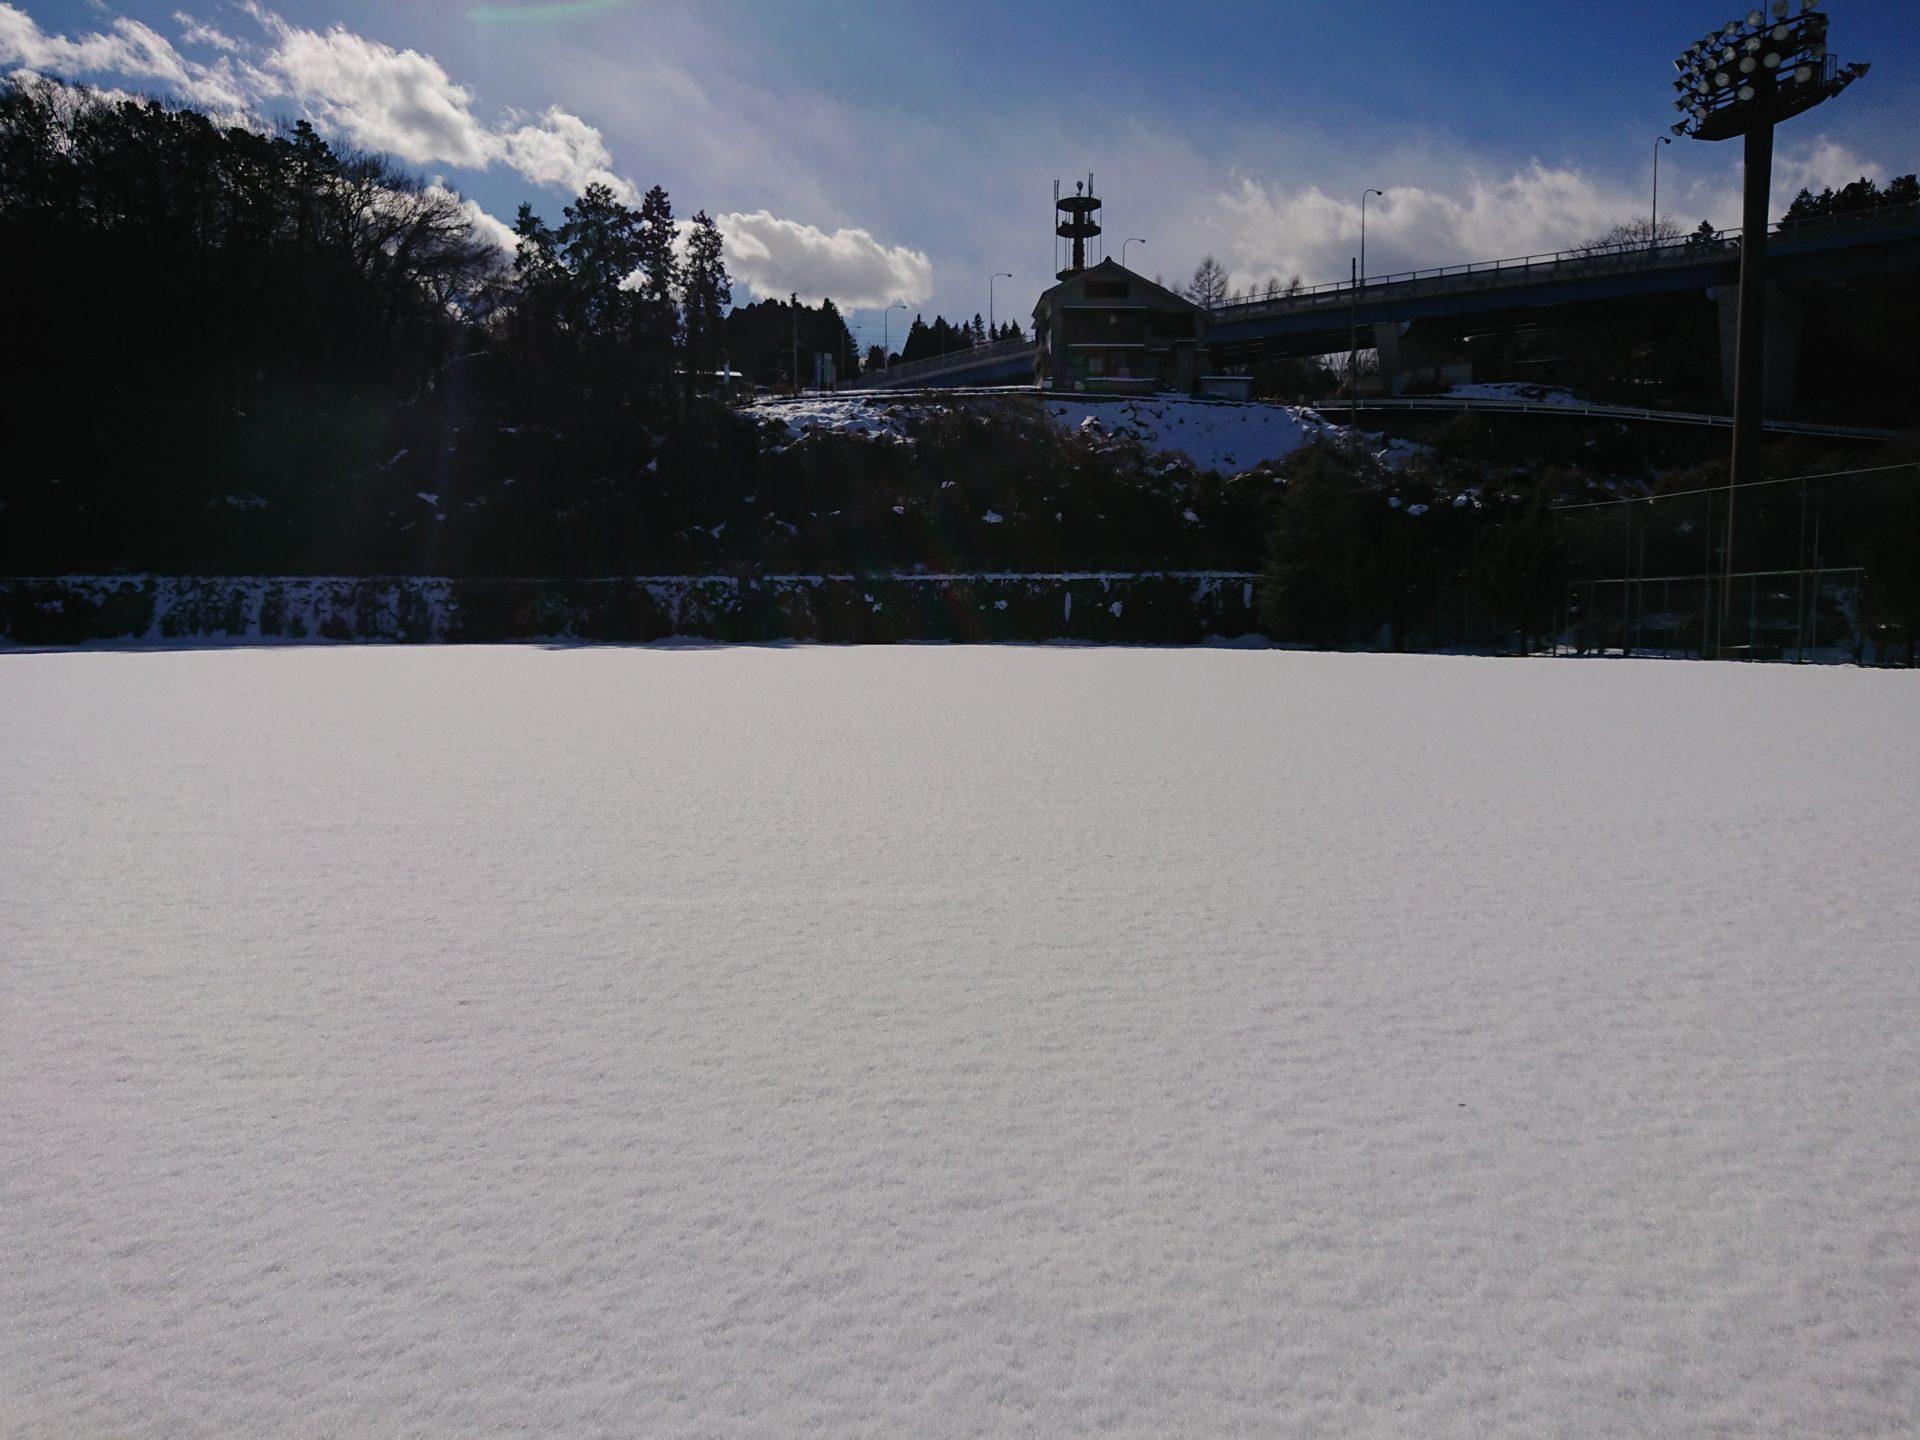 【1月24日中止】雪の影響により中止とさせて頂きます。